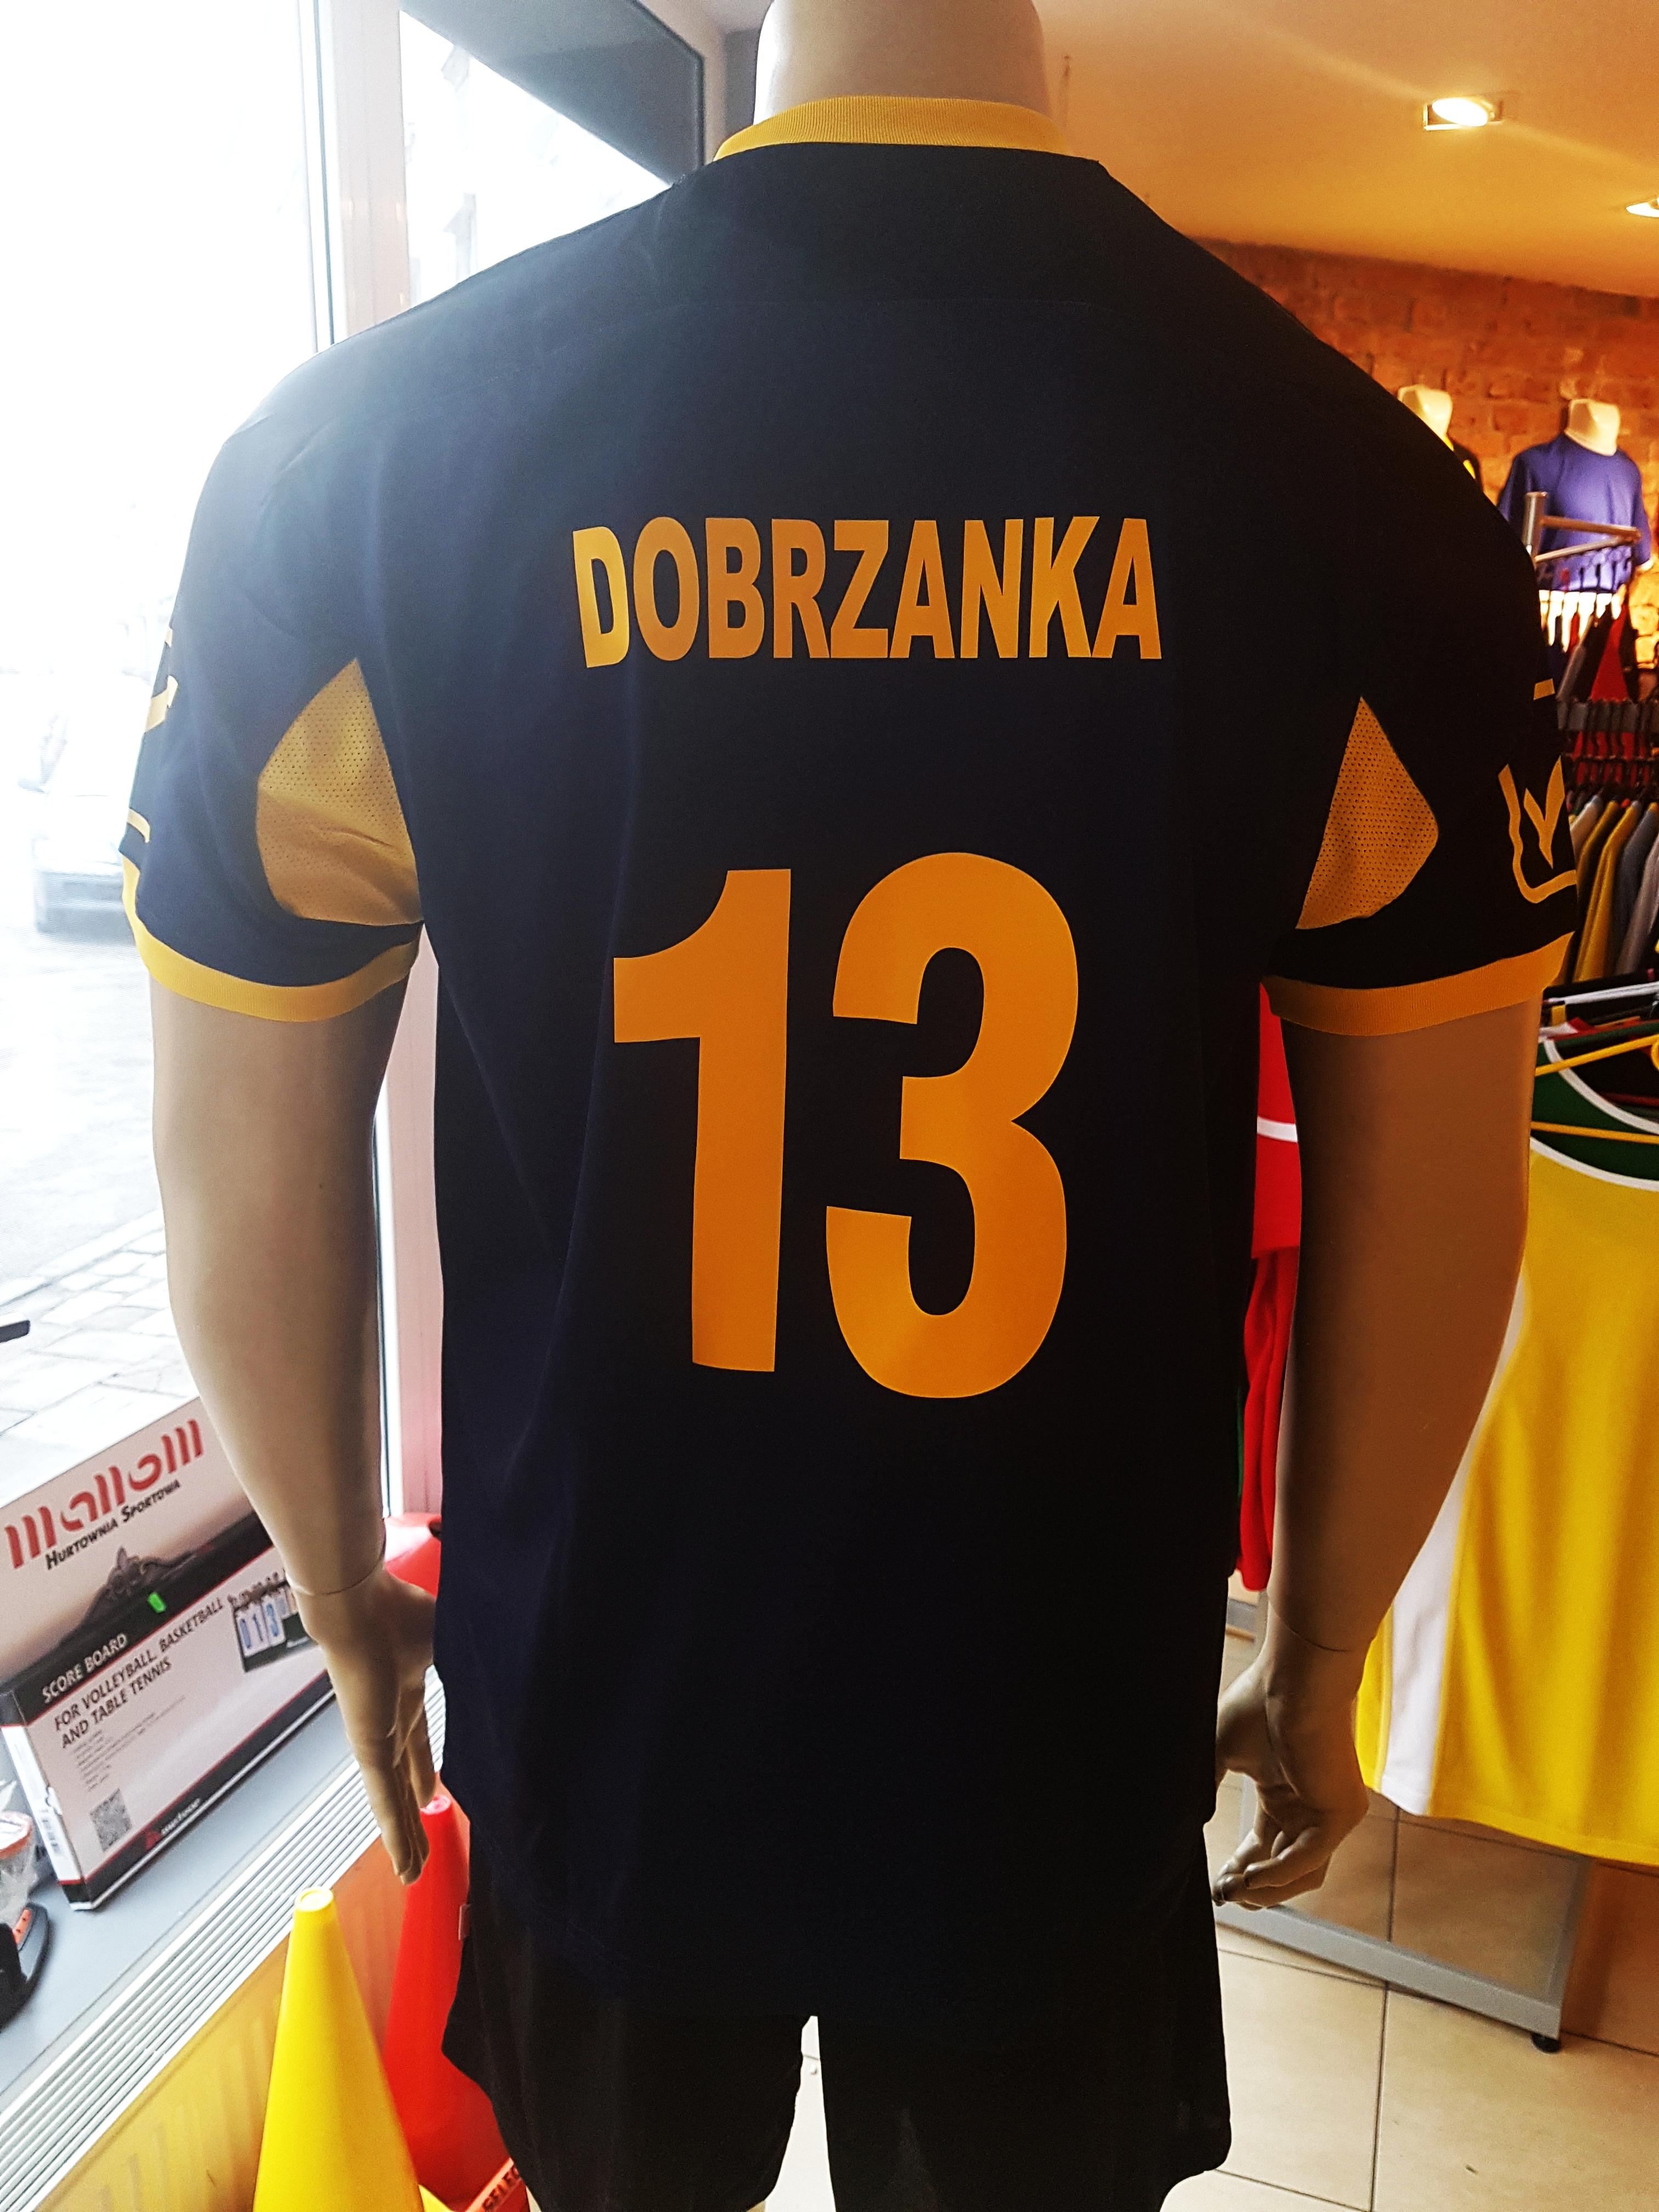 nadrum numer promocyjny żółty + napis